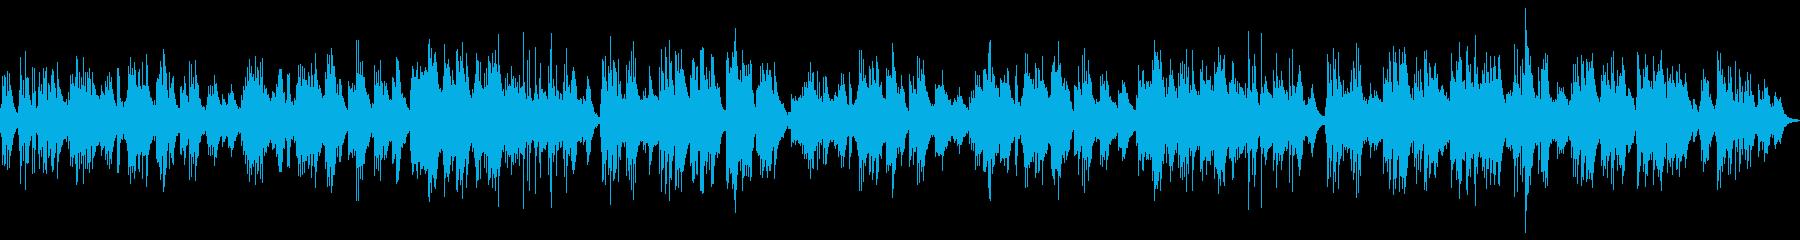 癒し系ゆったり落ち着いたピアノソロの再生済みの波形